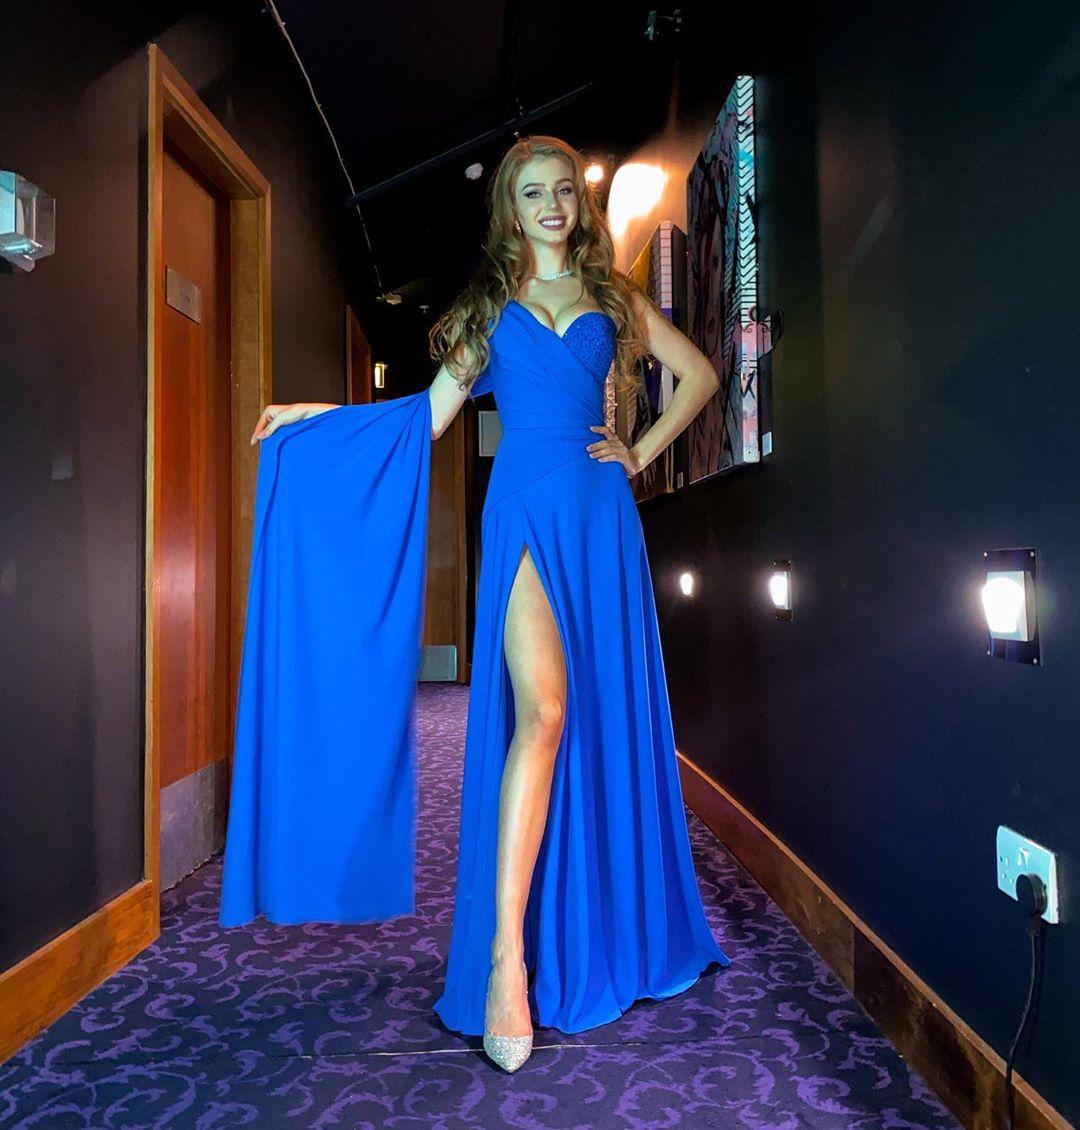 candidatas a miss world 2019. final: 14 dec. sede: london. - Página 63 IUCfqR